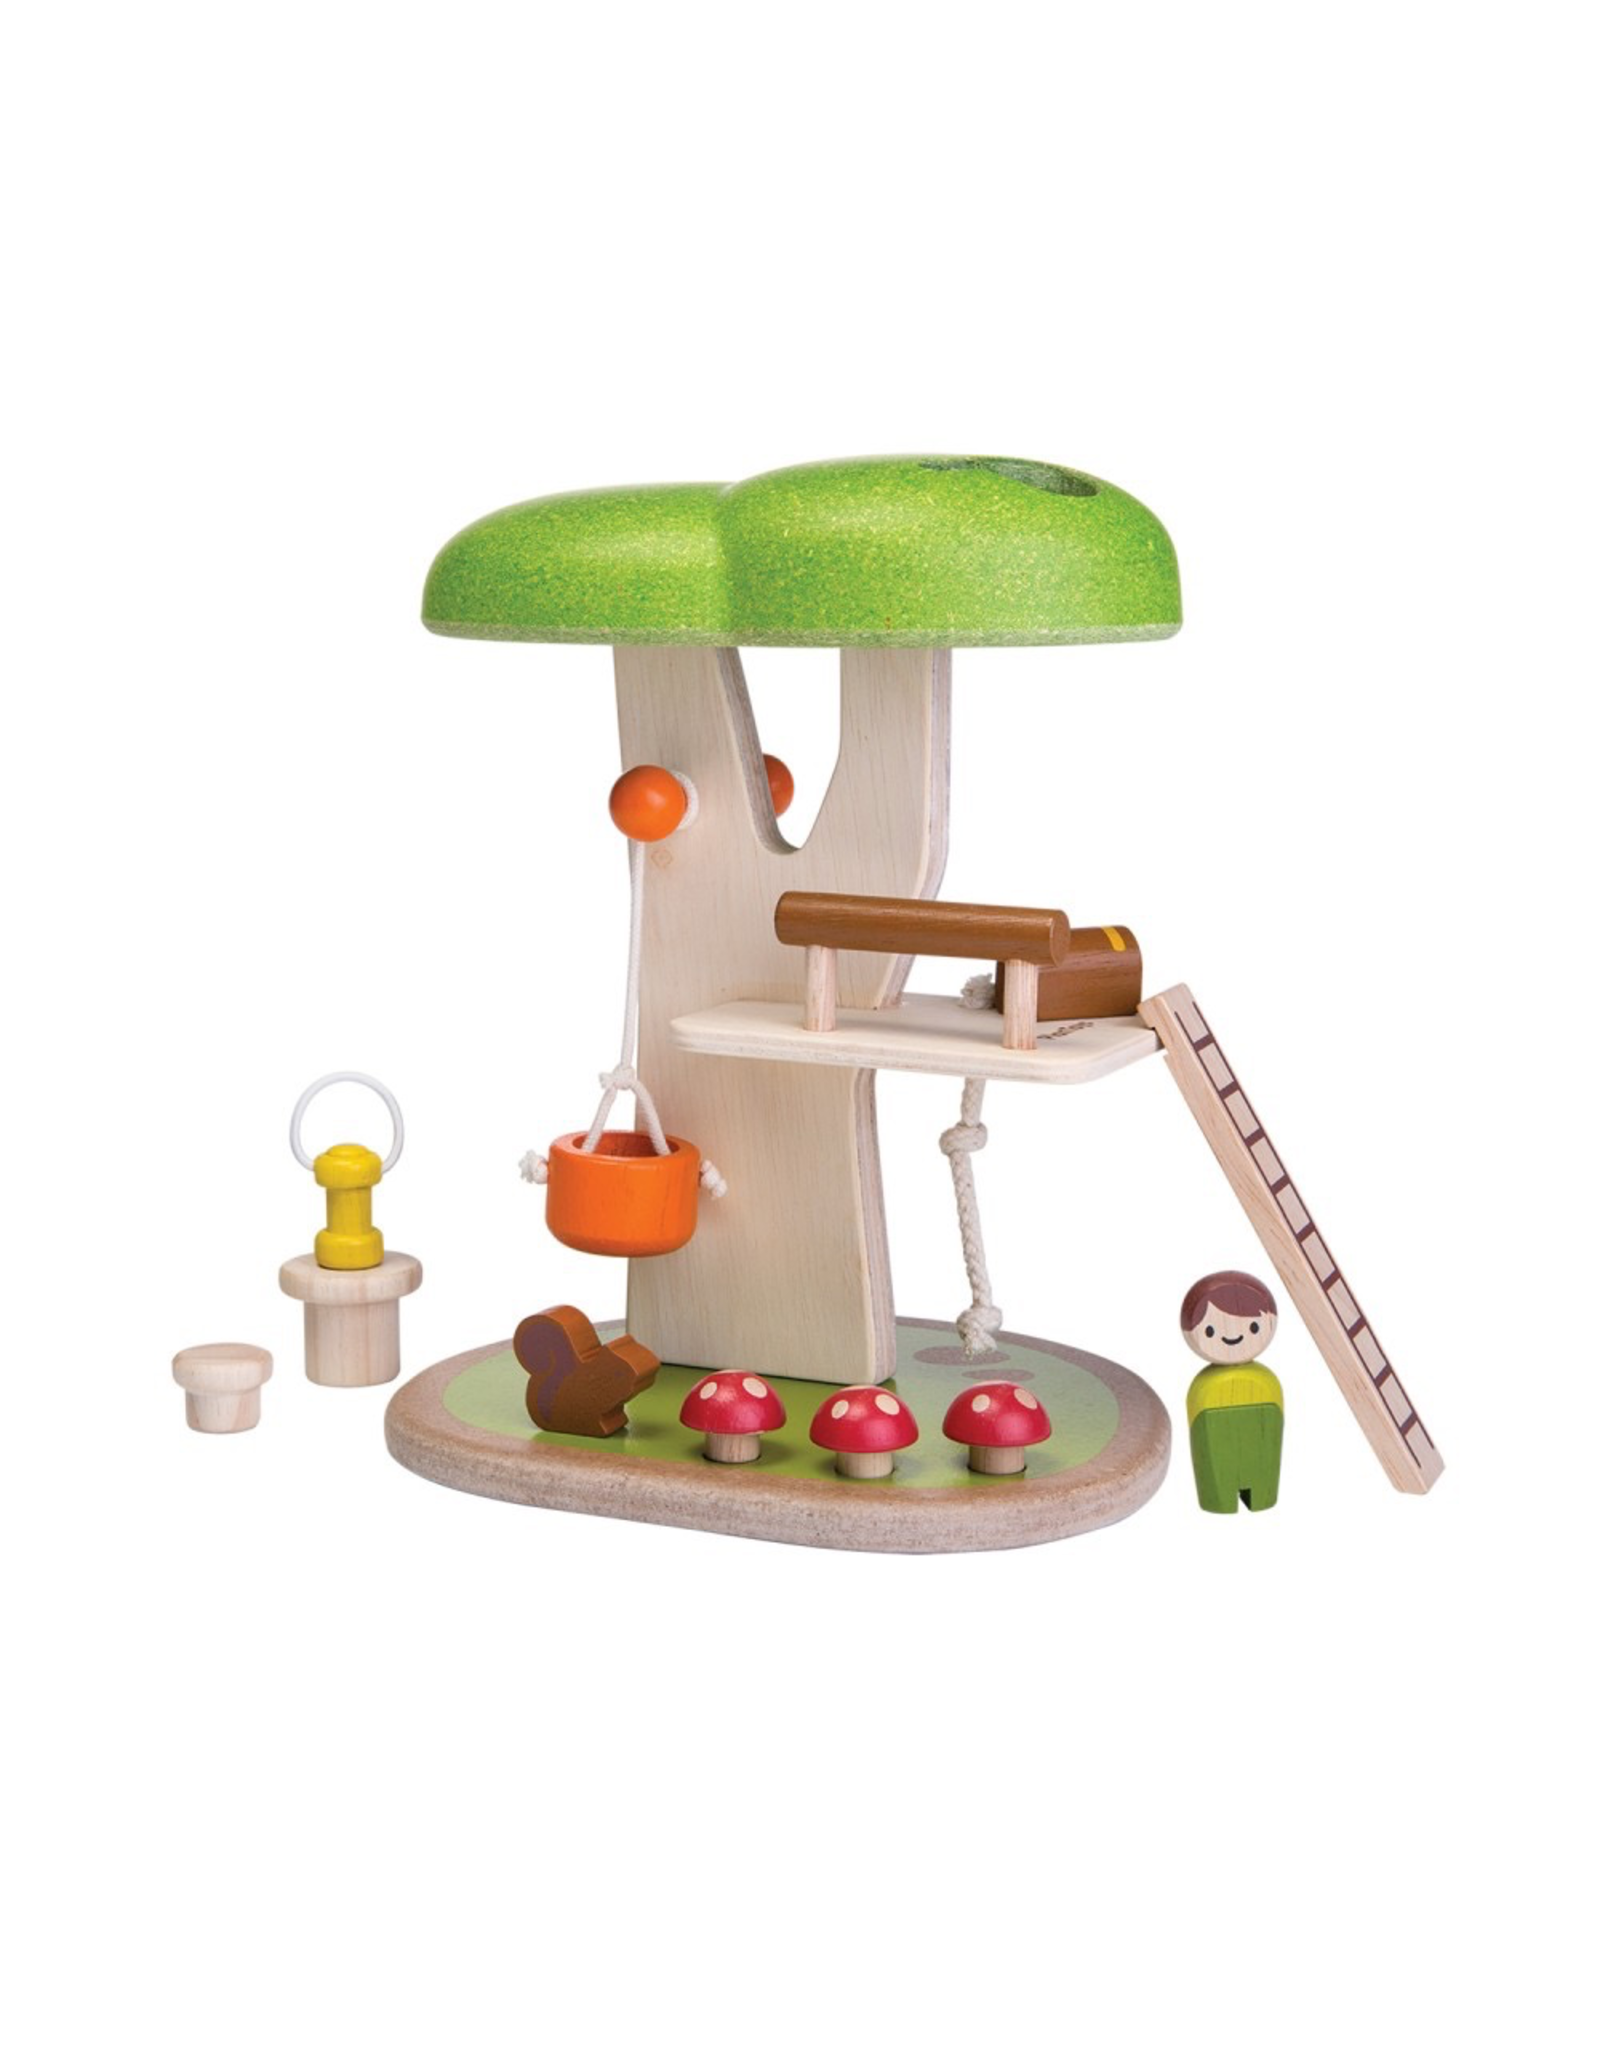 Plan Toys Plan Toy - Tree House